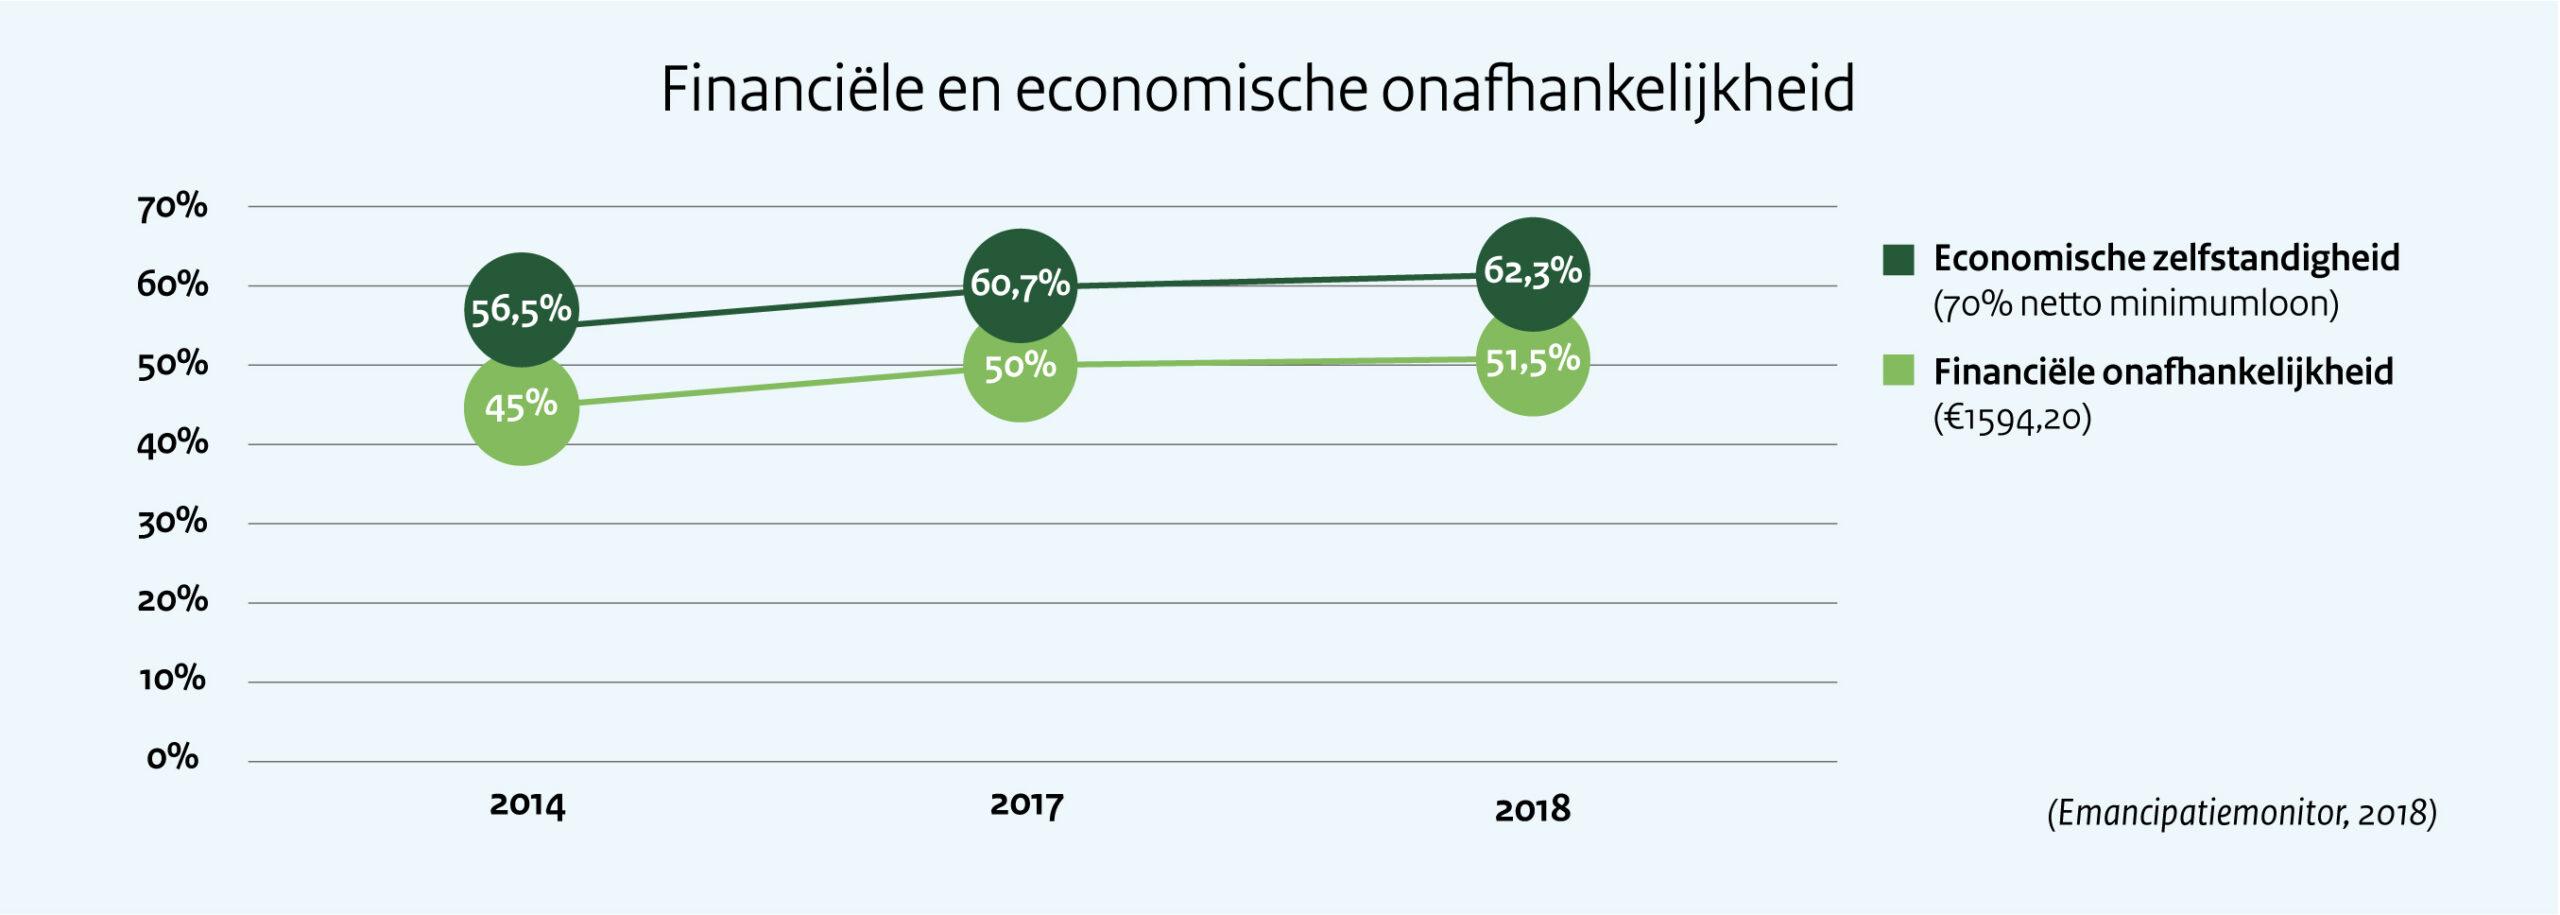 Financiële en economische zelfstandigheid. In 2014 was 56,5% vrouwen economisch zelfstandig (d.w.z. personen die 70% van het netto minimumloon verdienen). In 2018 nam dit percentage toe en lag het op 62,3%. Het aandeel vrouwen dat financieel onafhankelijk was in 2014 lag op 45%. In 2018 nam dit percentage met 6,5%. Financieel onafhankelijke vrouwen verdienen in ieder geval 1594,20 bruto van het wettelijk brutominimumloon per maand.   Deze cijfers komen uit de tiende Emancipatiemonitor van het CBS en het SCP, gepubliceerd in 2018.